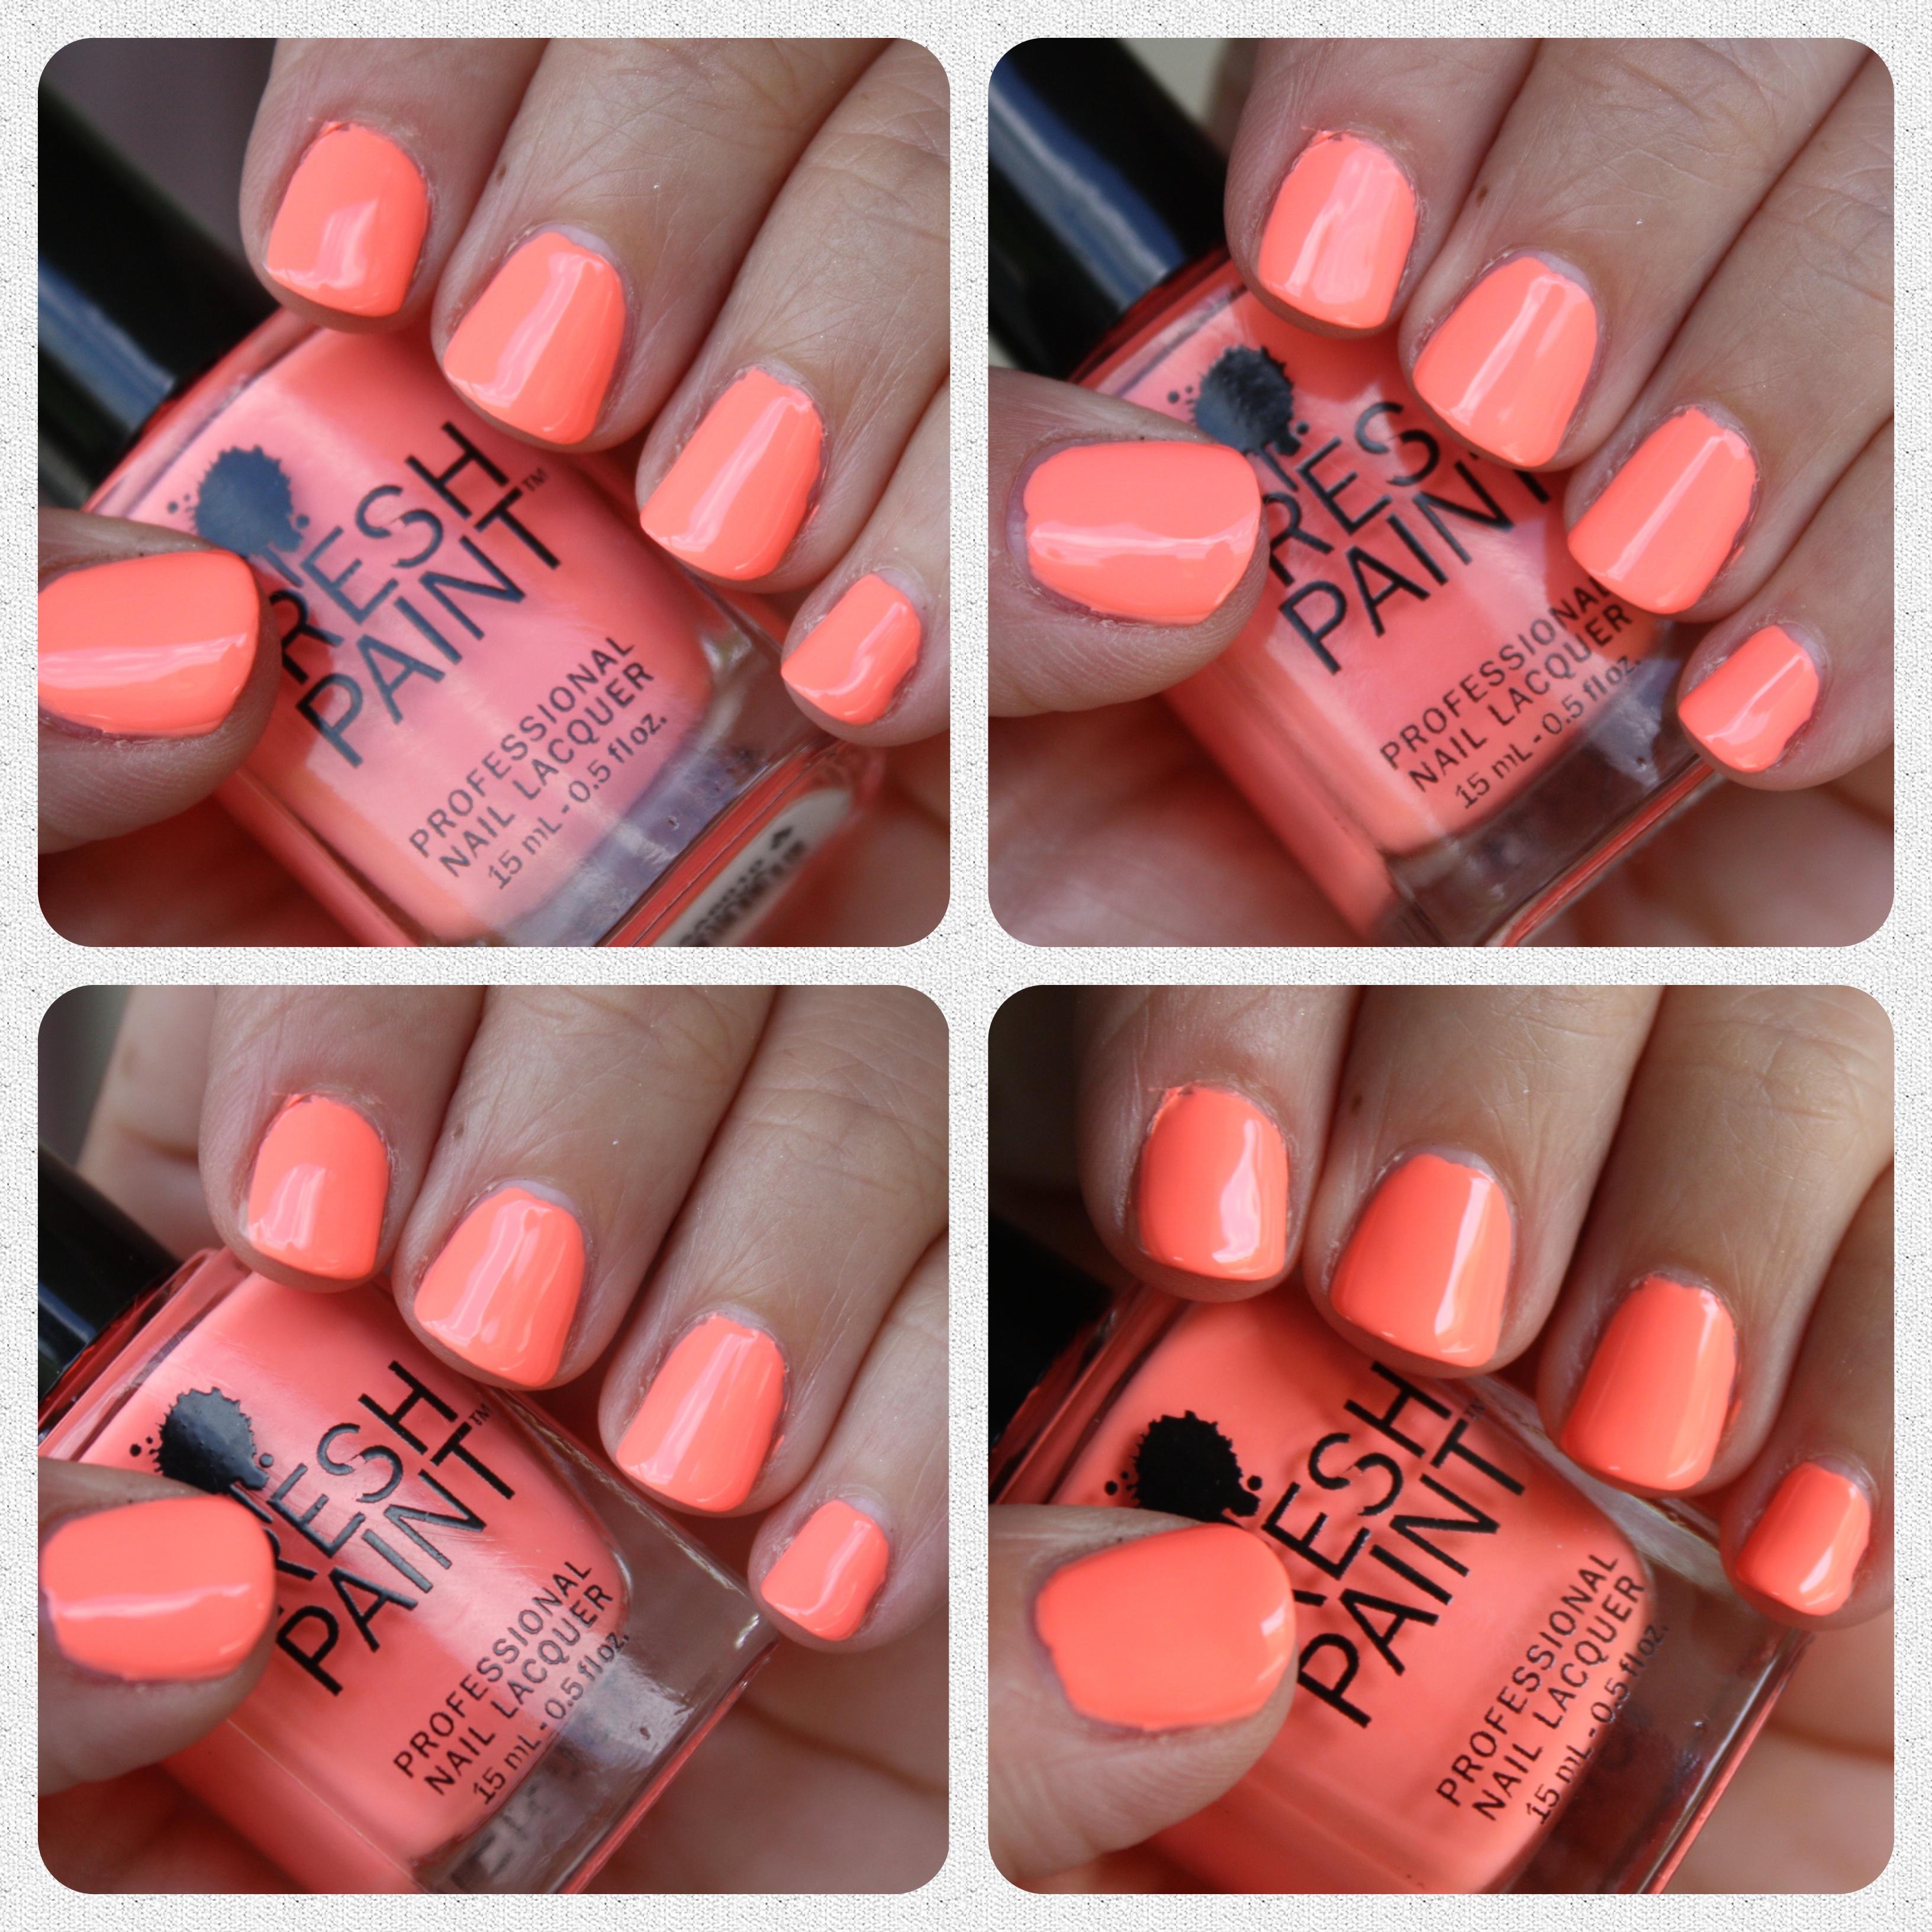 Fresh Paint Guava – horrendous color